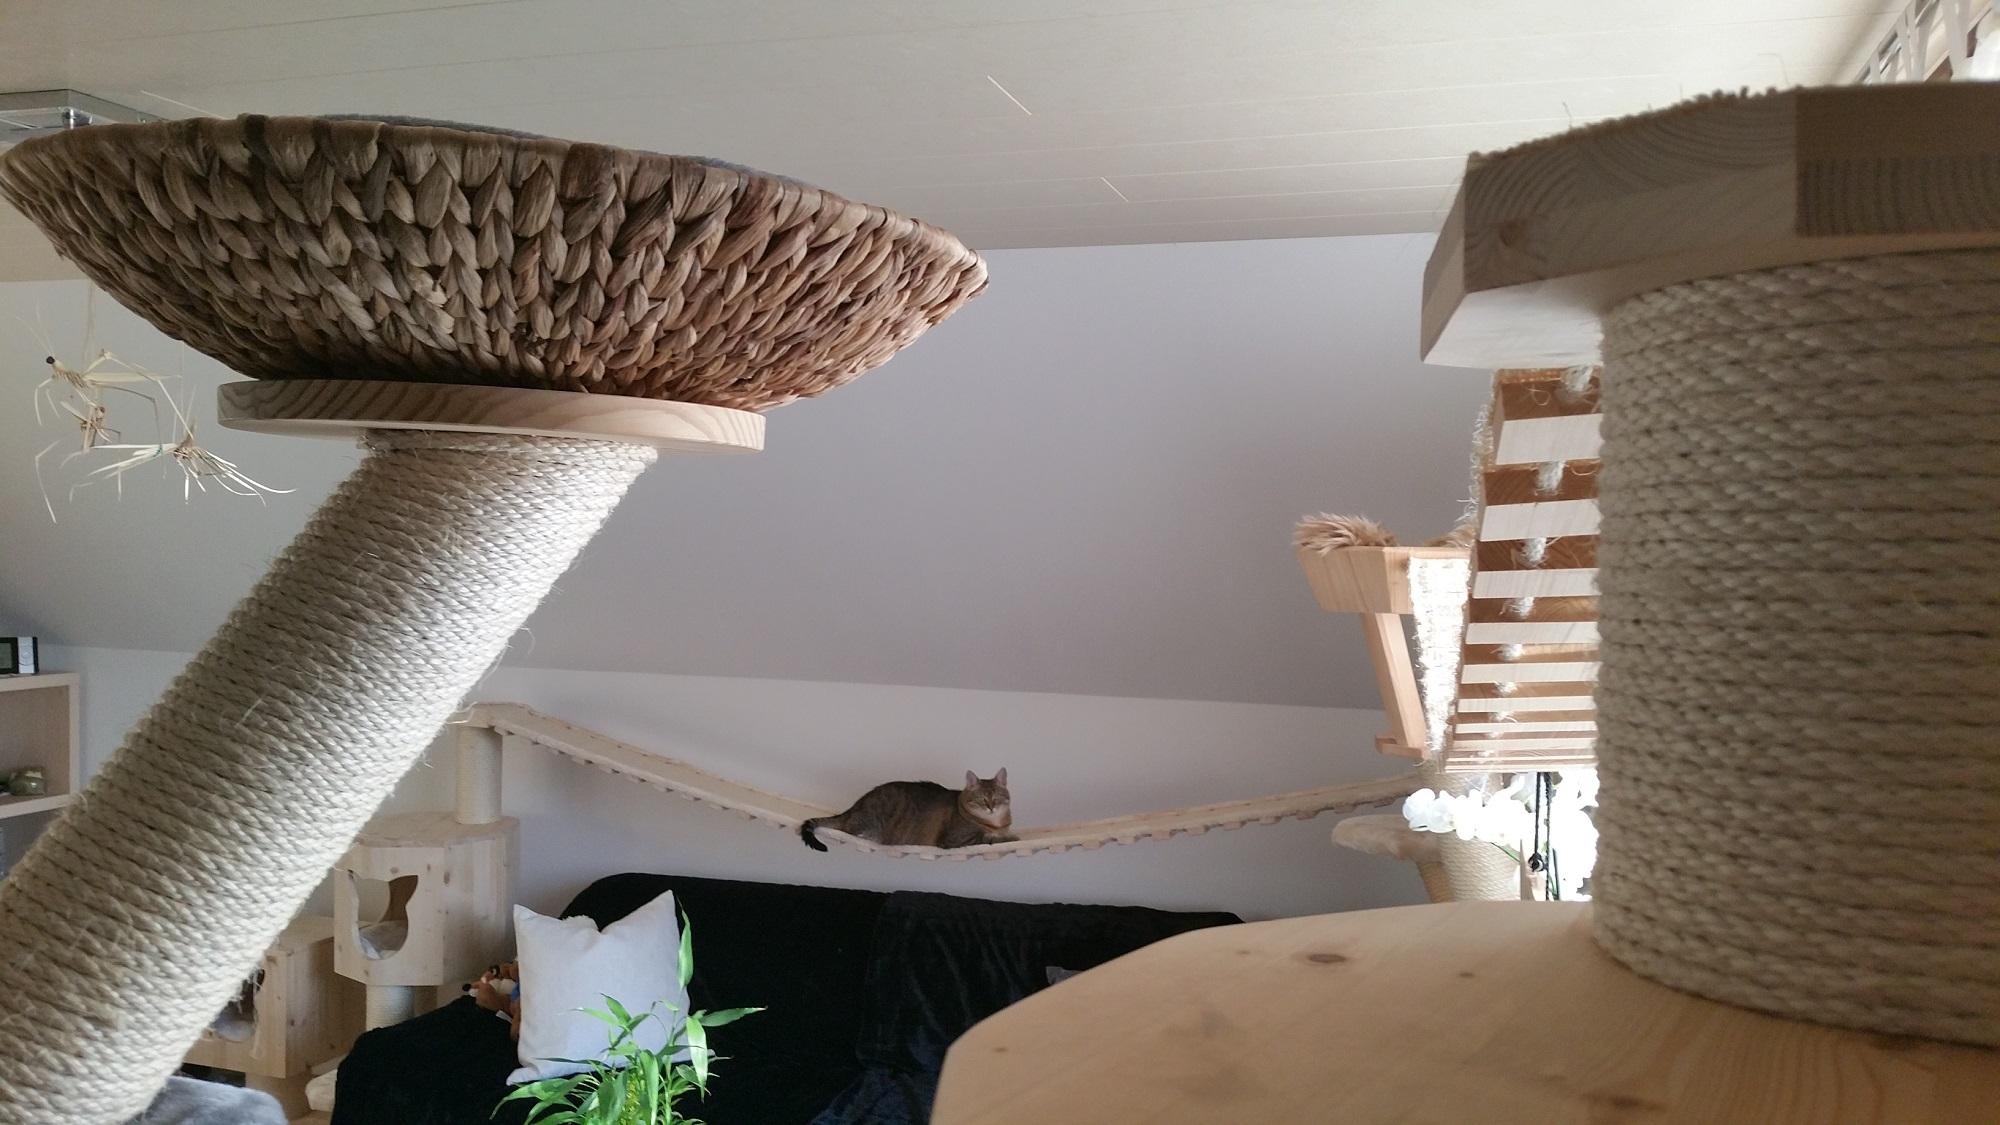 Kratzbaum Hersteller Sonderanfertigung Katzenlandschaft